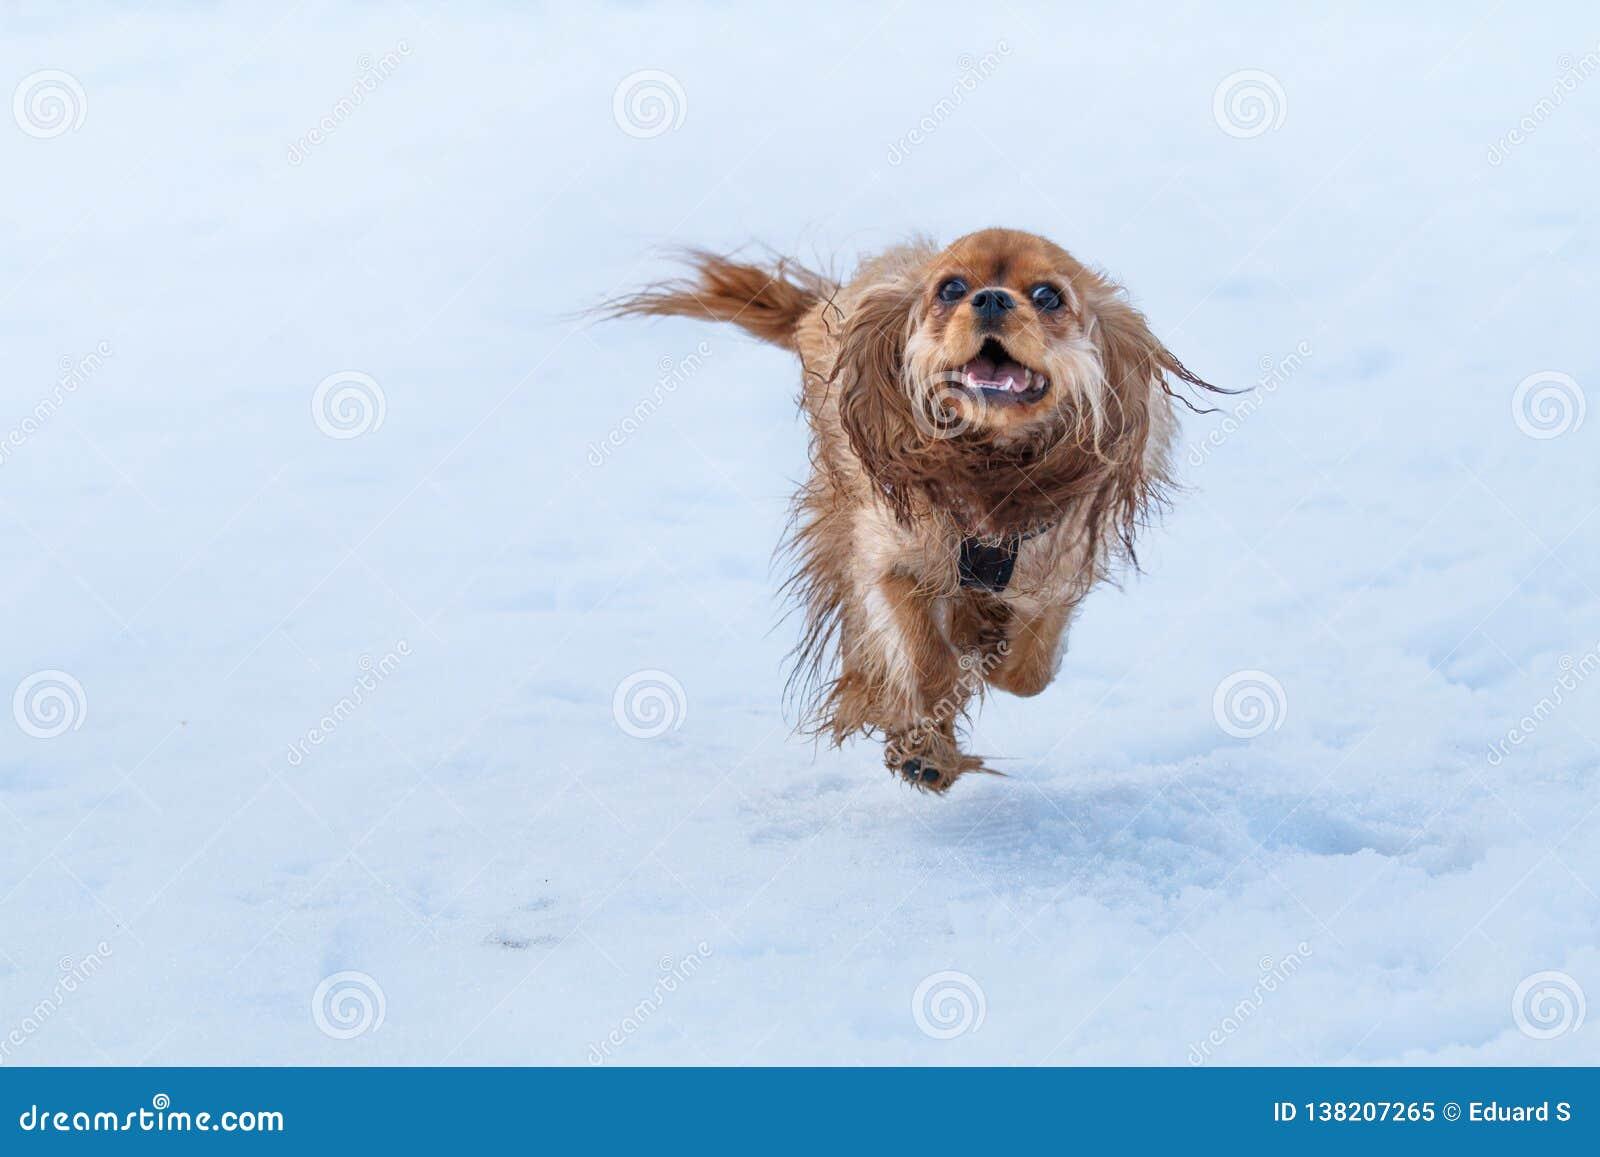 Spaniel för konung charles för rubin stolt i snö